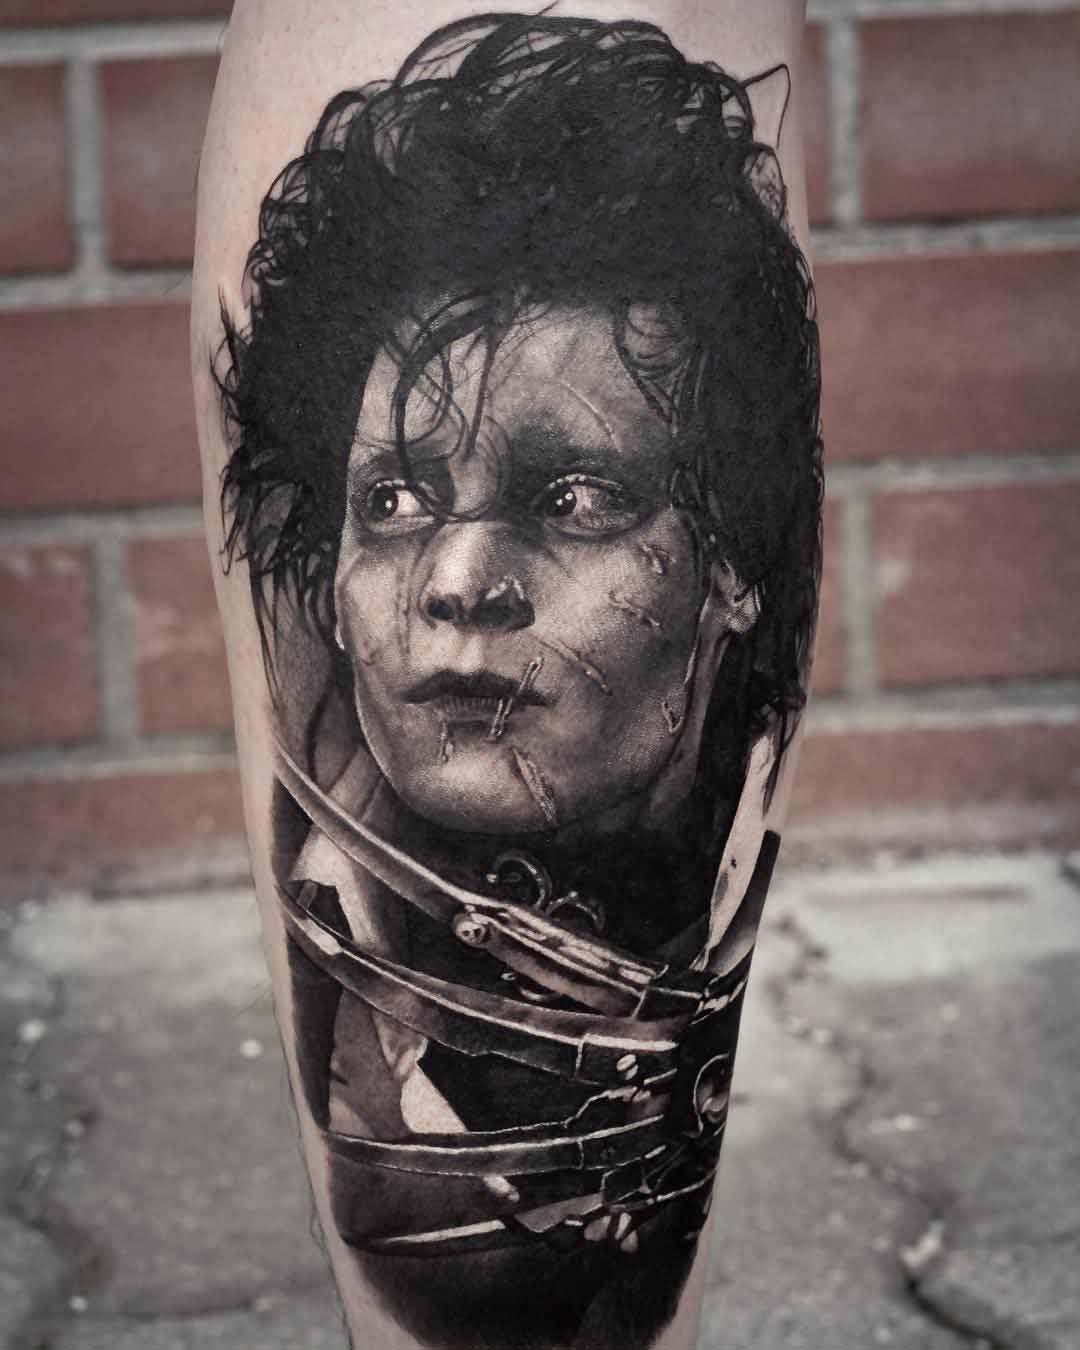 Jhonny Depp tattoo Edward